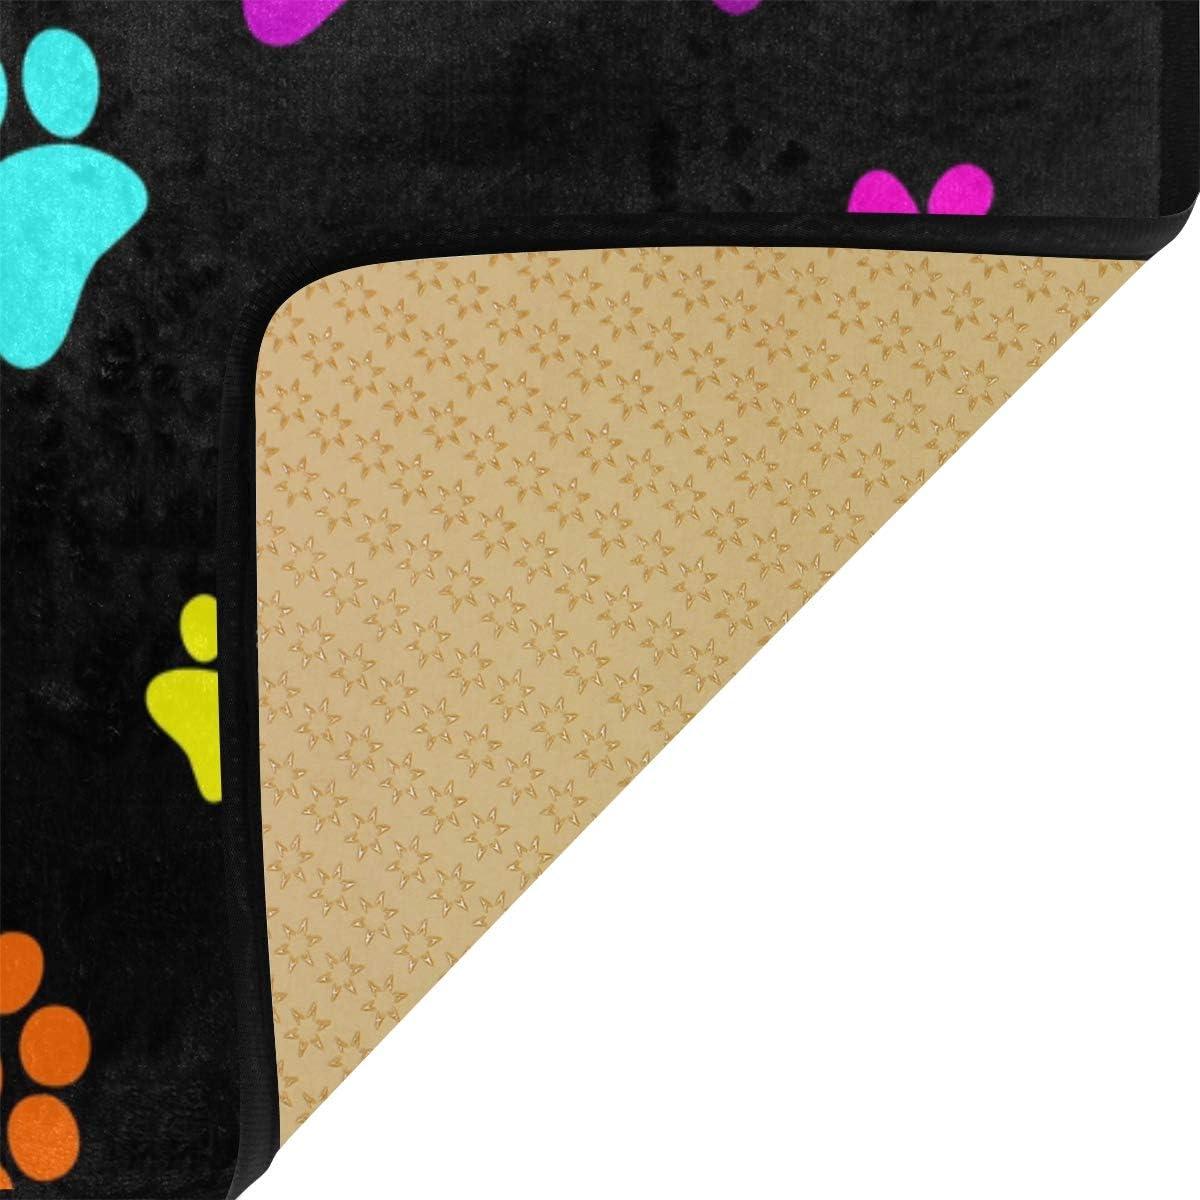 Paillasson antid/érapant Bardic imprim/é pattes de chien lavable en machine pour salon 50,8 x 99 cm cuisine chambre /à coucher salle /à manger